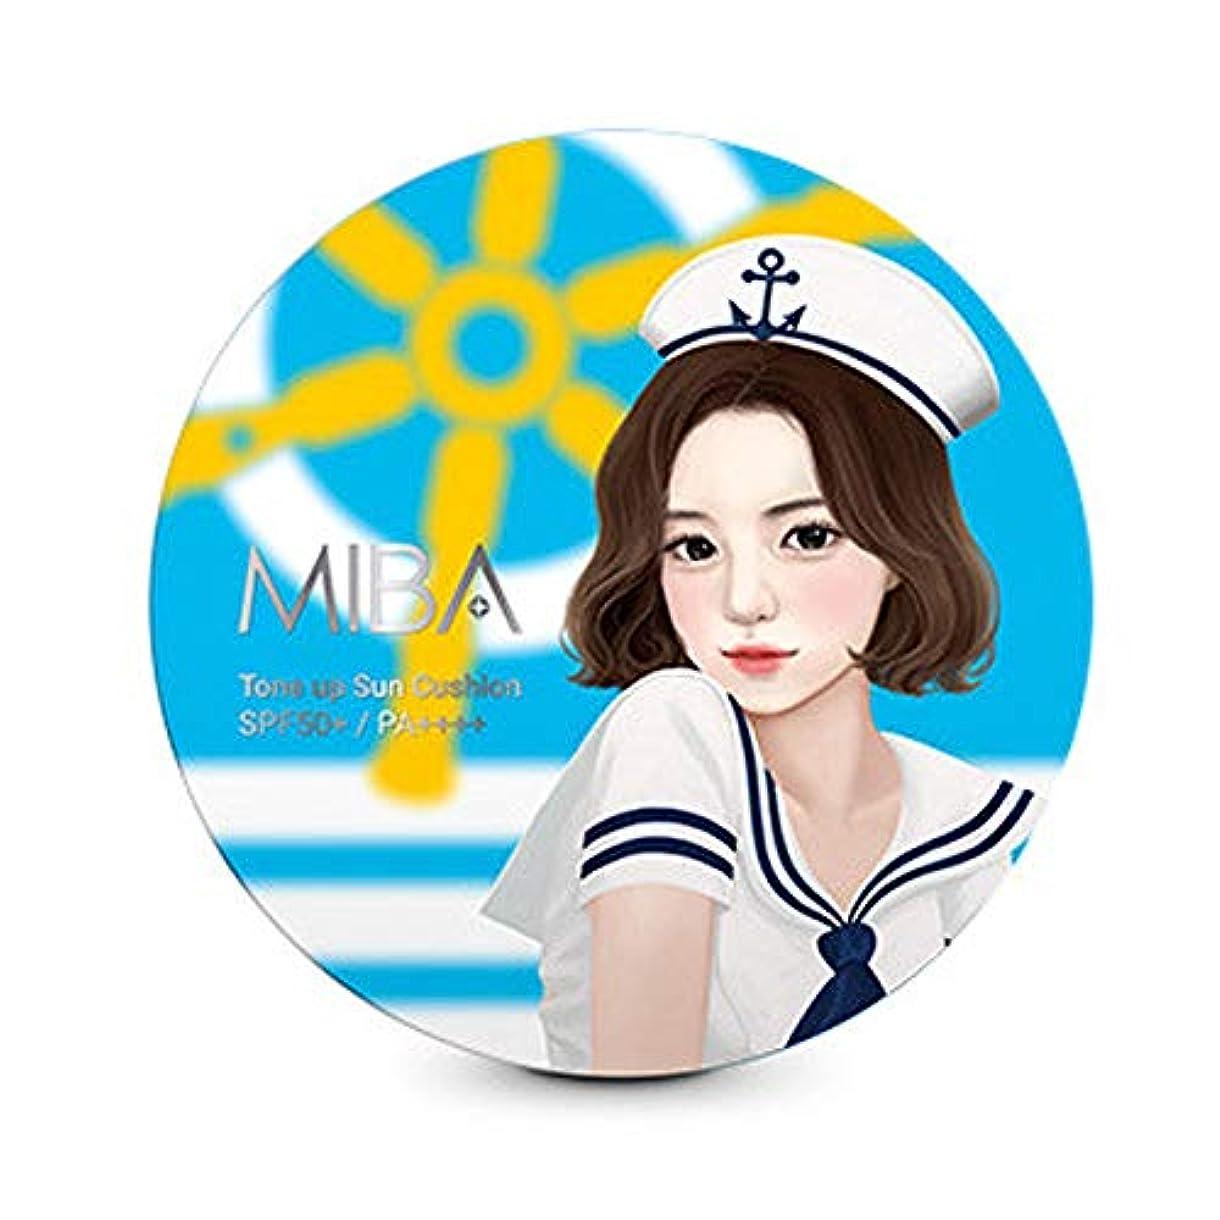 厚くする組み合わせるリスト[MIBA] ミバ カラミントーンアップクッション 24g クッションタイプの日焼け止め SPF50+ PA++++ Korea cosmetic(torn up cushion 24g)